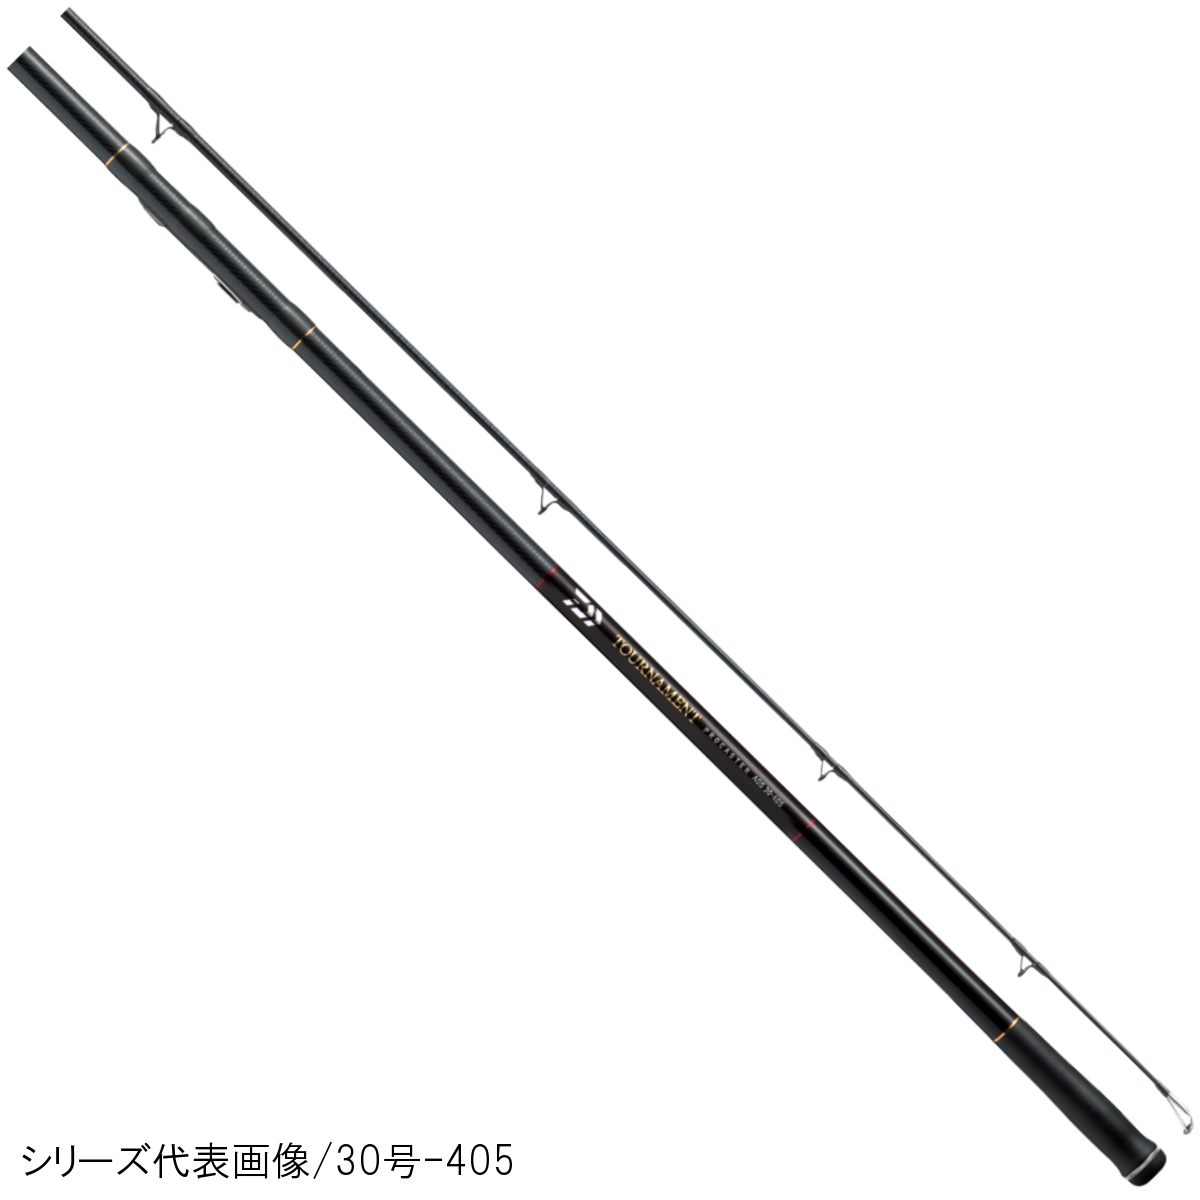 ダイワ トーナメント プロキャスター AGS 35号-405【大型商品】